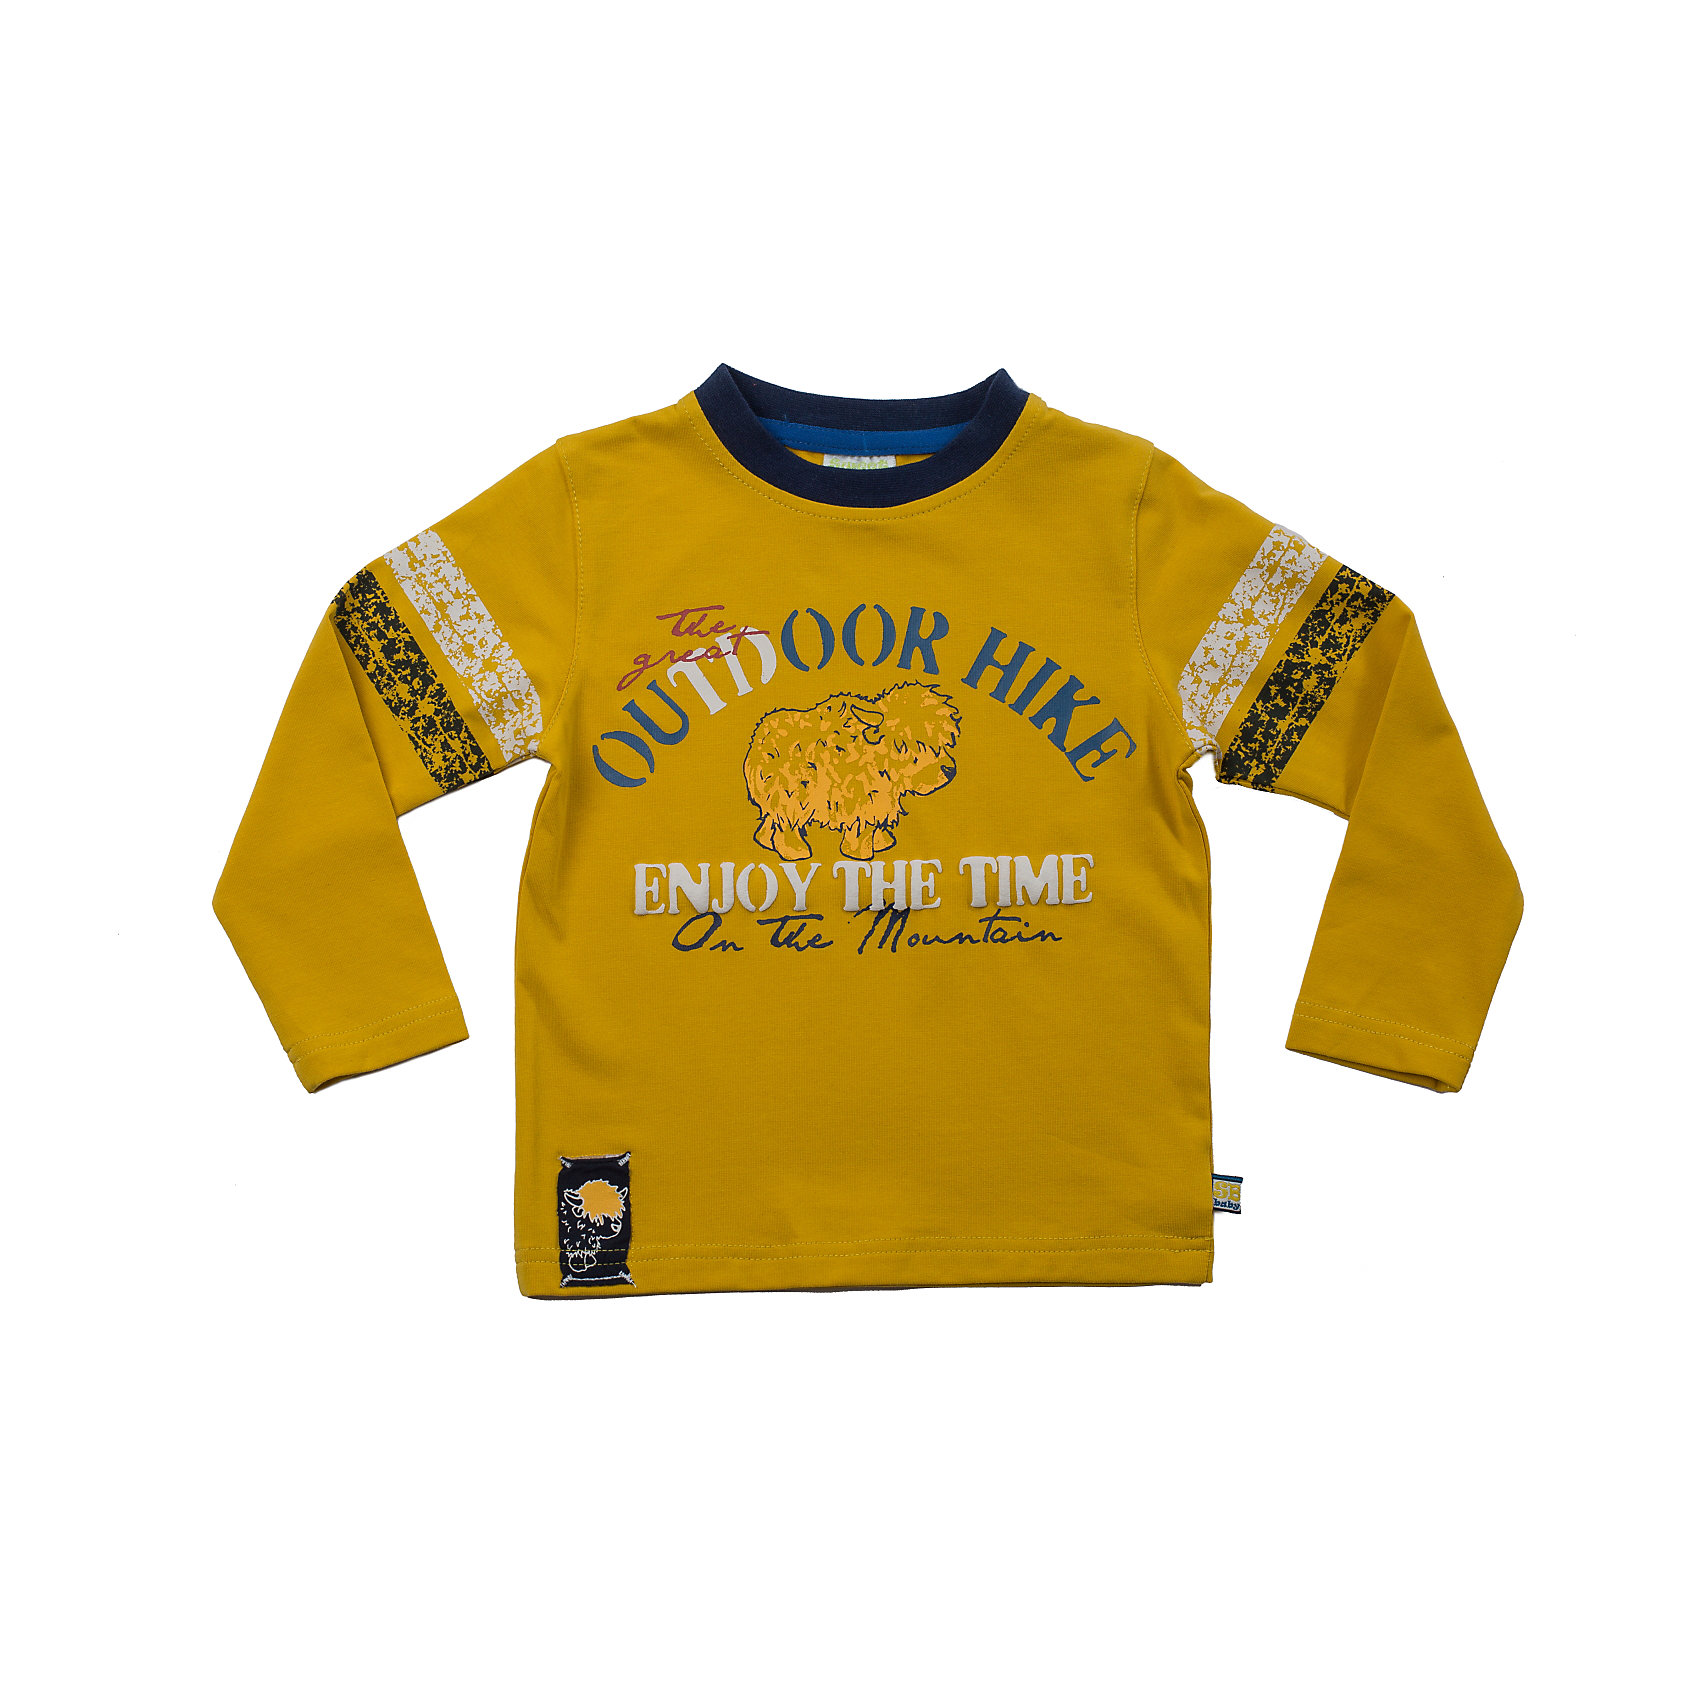 Футболка с длинным рукавом для мальчика Sweet BerryЯркая футболка с длинным рукавом для мальчика. Горловина из трикотажной эластичной резинки контрастного цвета. Футболка декорированна ярким принтом, нашивкой.<br>Состав:<br>95% хлопок, 5% эластан<br><br>Ширина мм: 230<br>Глубина мм: 40<br>Высота мм: 220<br>Вес г: 250<br>Цвет: желтый<br>Возраст от месяцев: 9<br>Возраст до месяцев: 12<br>Пол: Мужской<br>Возраст: Детский<br>Размер: 80,92,86,98<br>SKU: 4273262